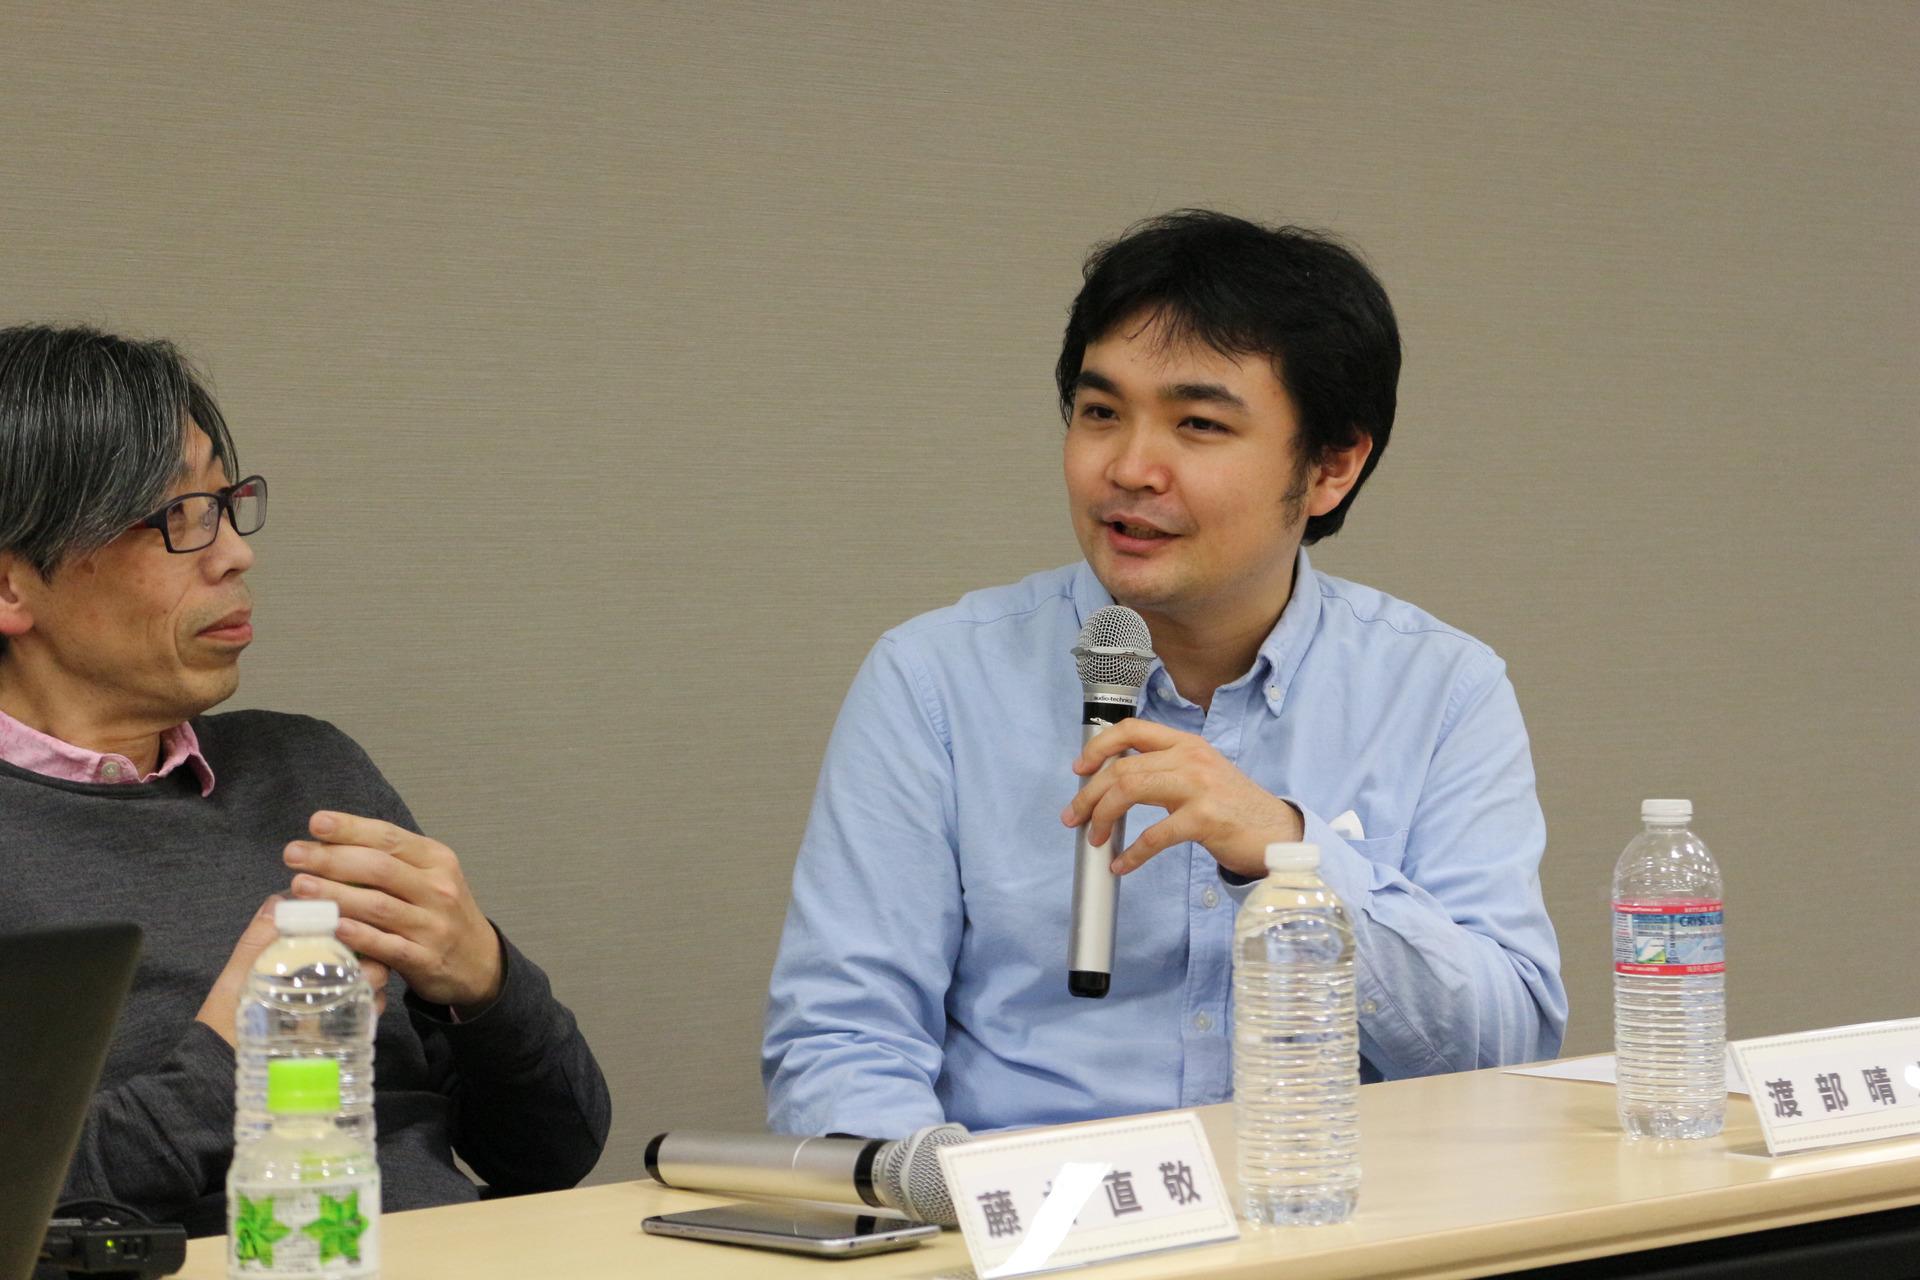 渡部氏は開発者の立場から、企業側の積極性を感じ始めている